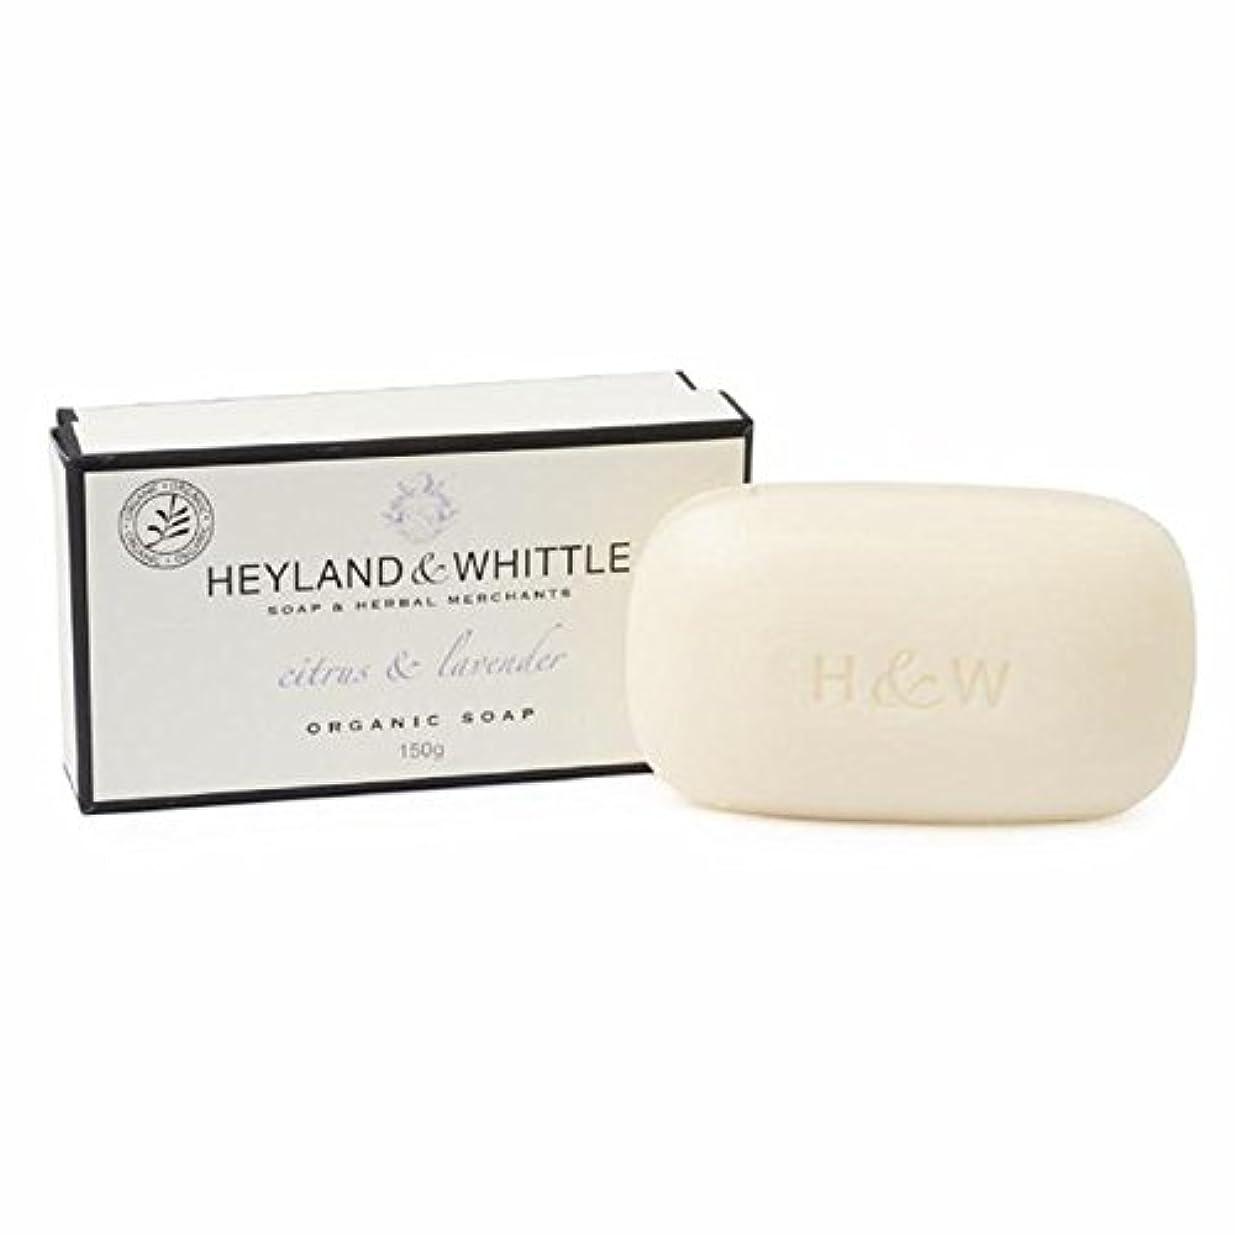 家族期限連帯&削るシトラス&ラベンダーは、有機石鹸150グラム箱入り x4 - Heyland & Whittle Citrus & Lavender Boxed Organic Soap 150g (Pack of 4) [並行輸入品]